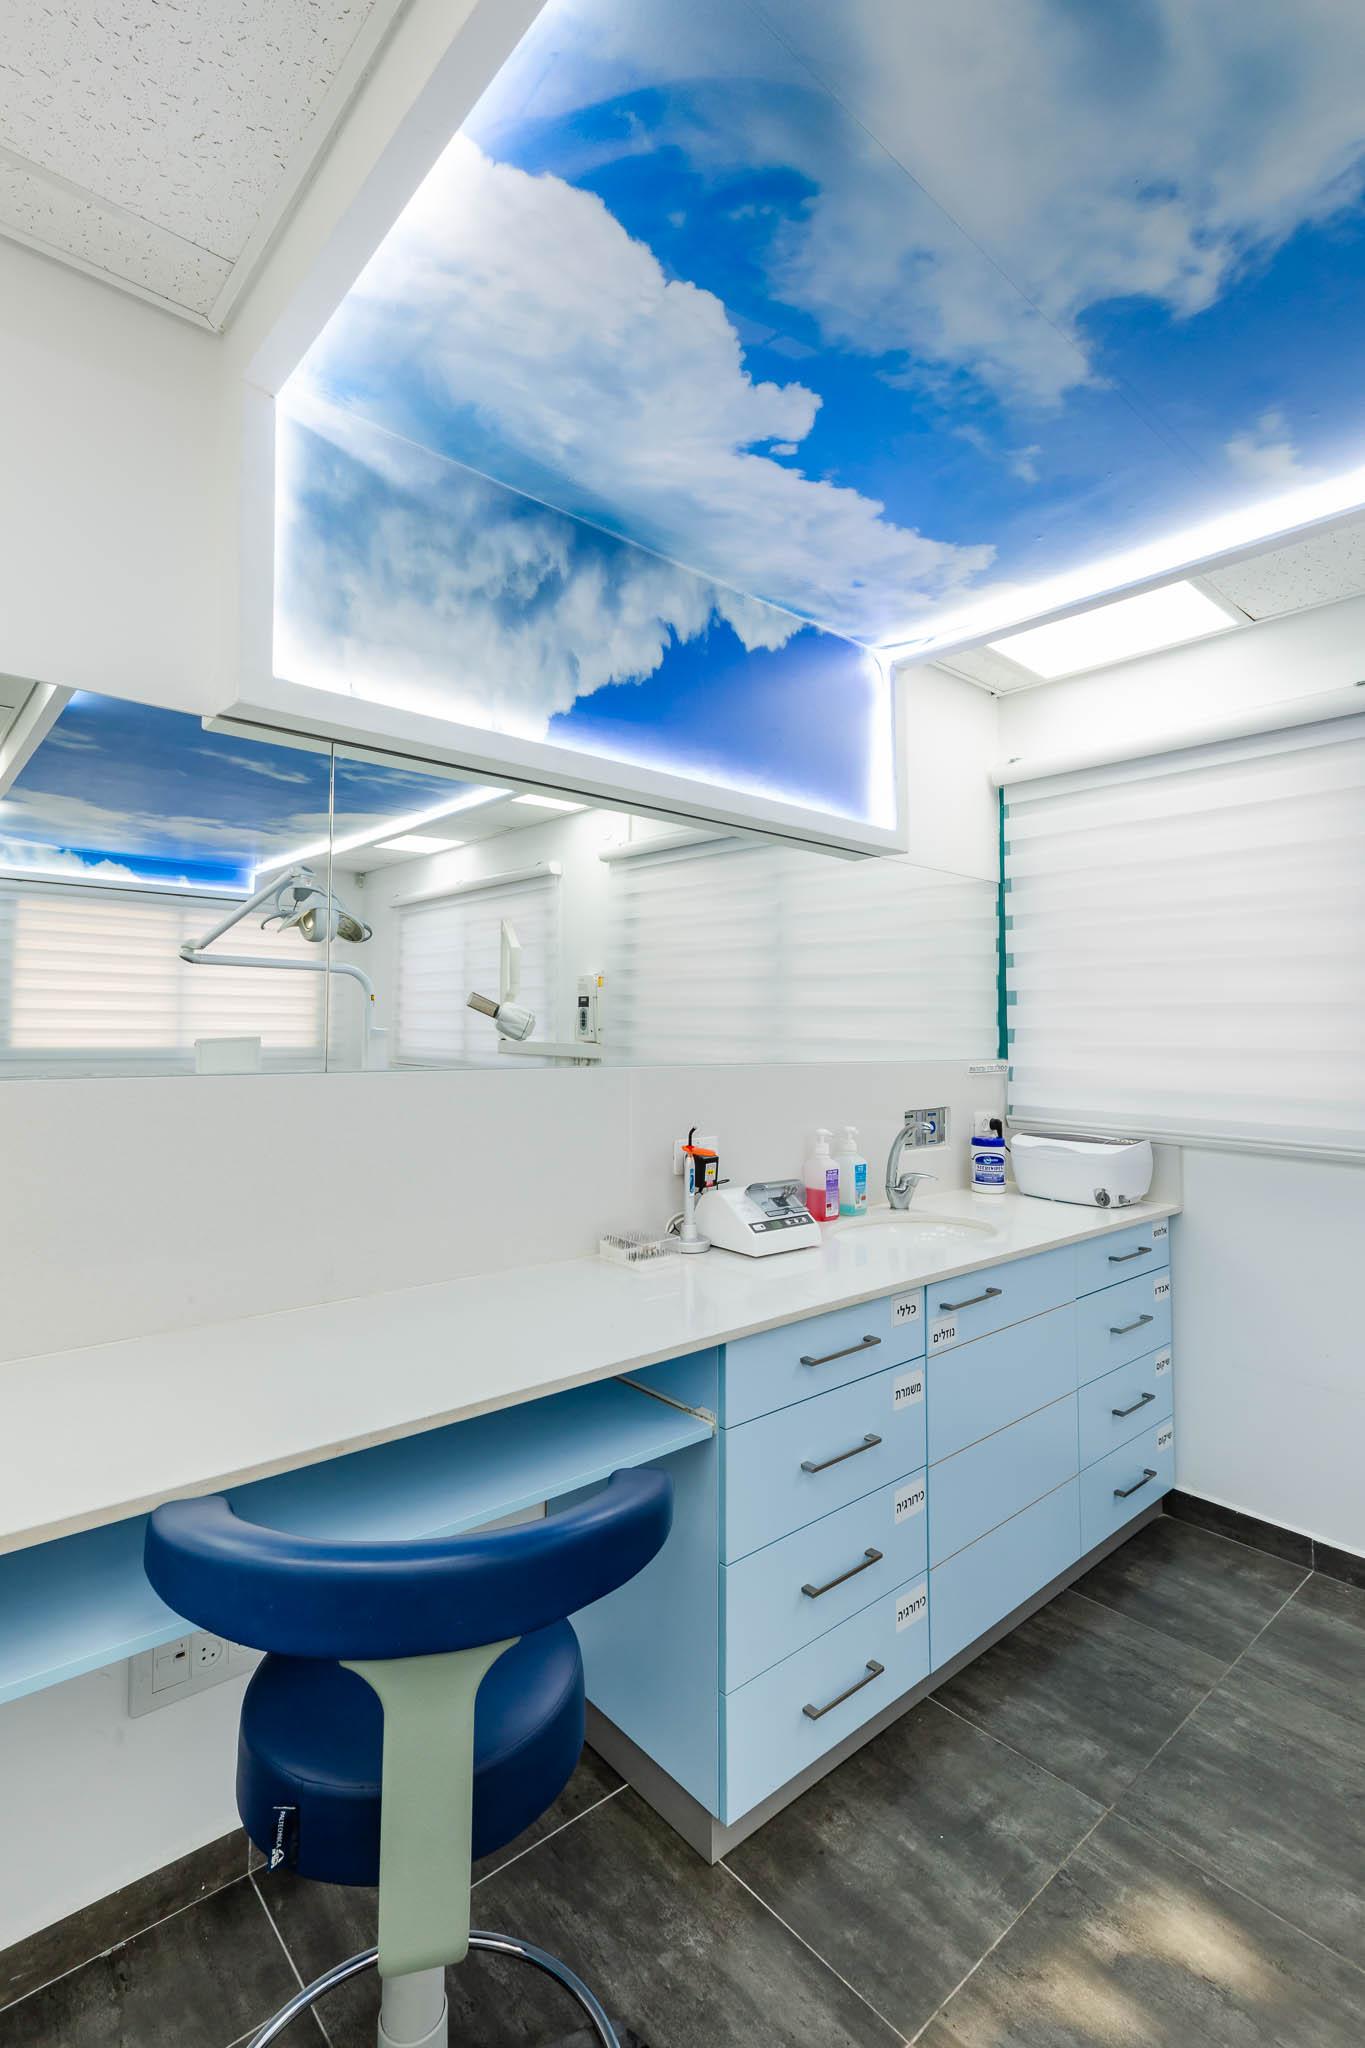 עיצוב קליניקה לטיפולי שיניים